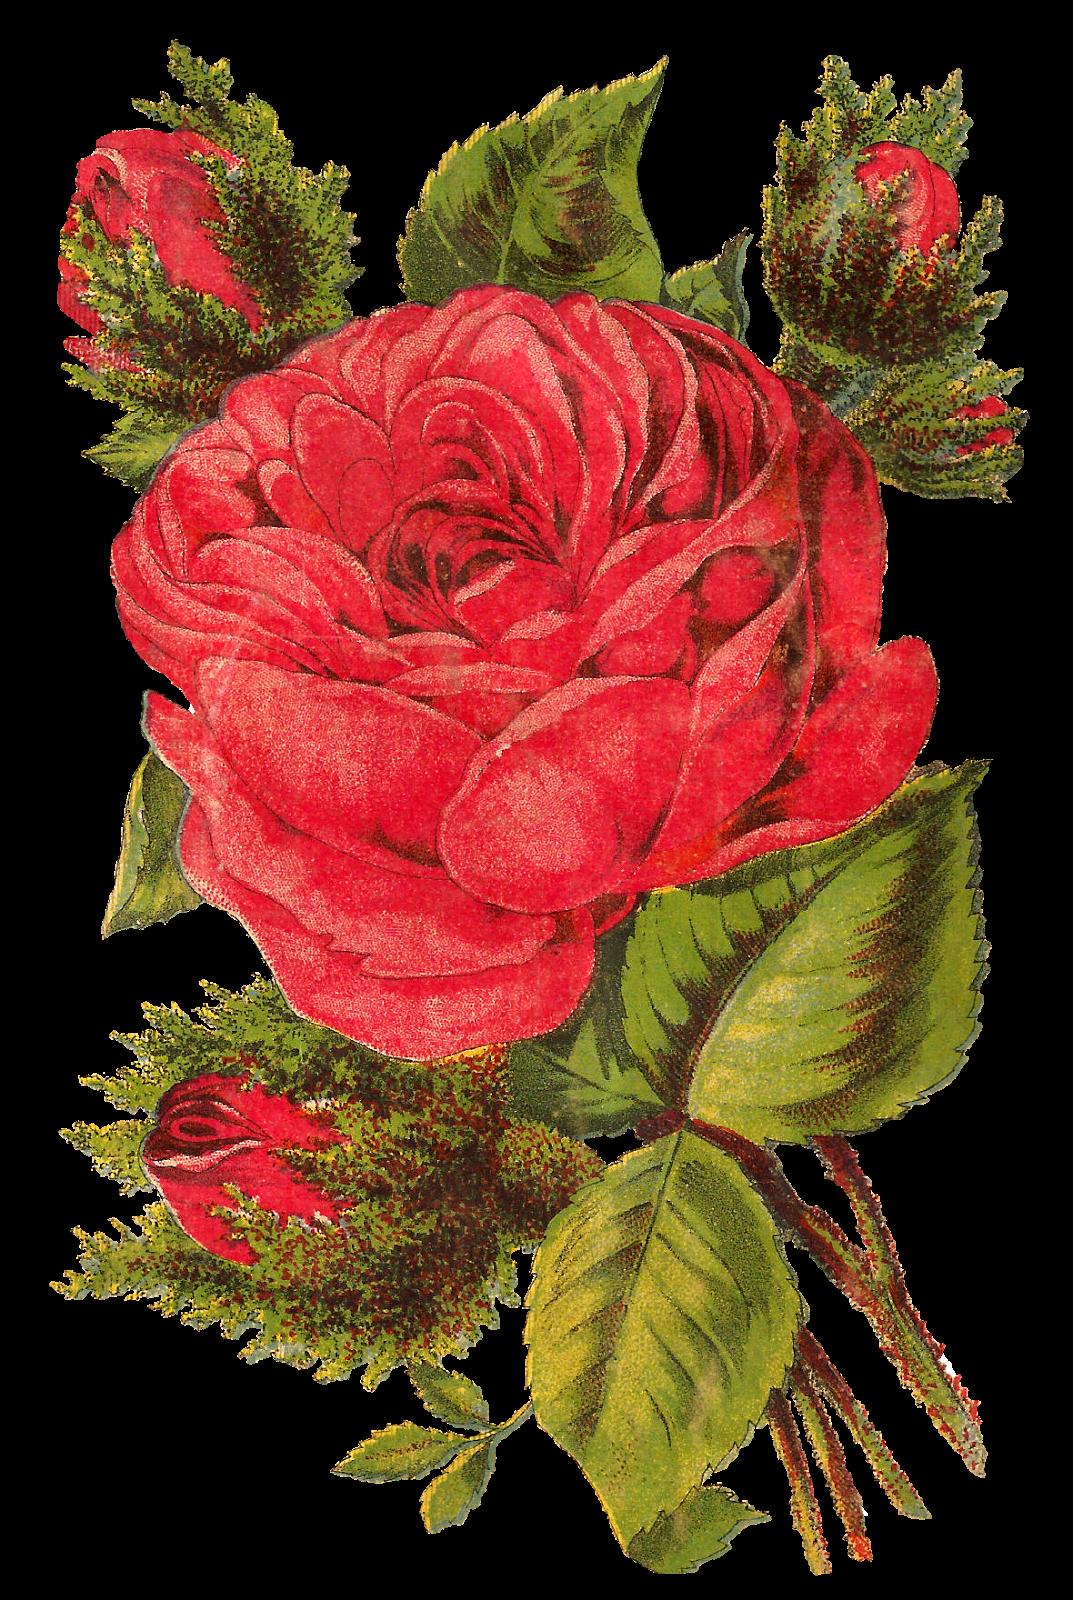 Antique Images: Free Red Rose Digital Clip Art Seed Catalog Botanical Flower Artwork Download